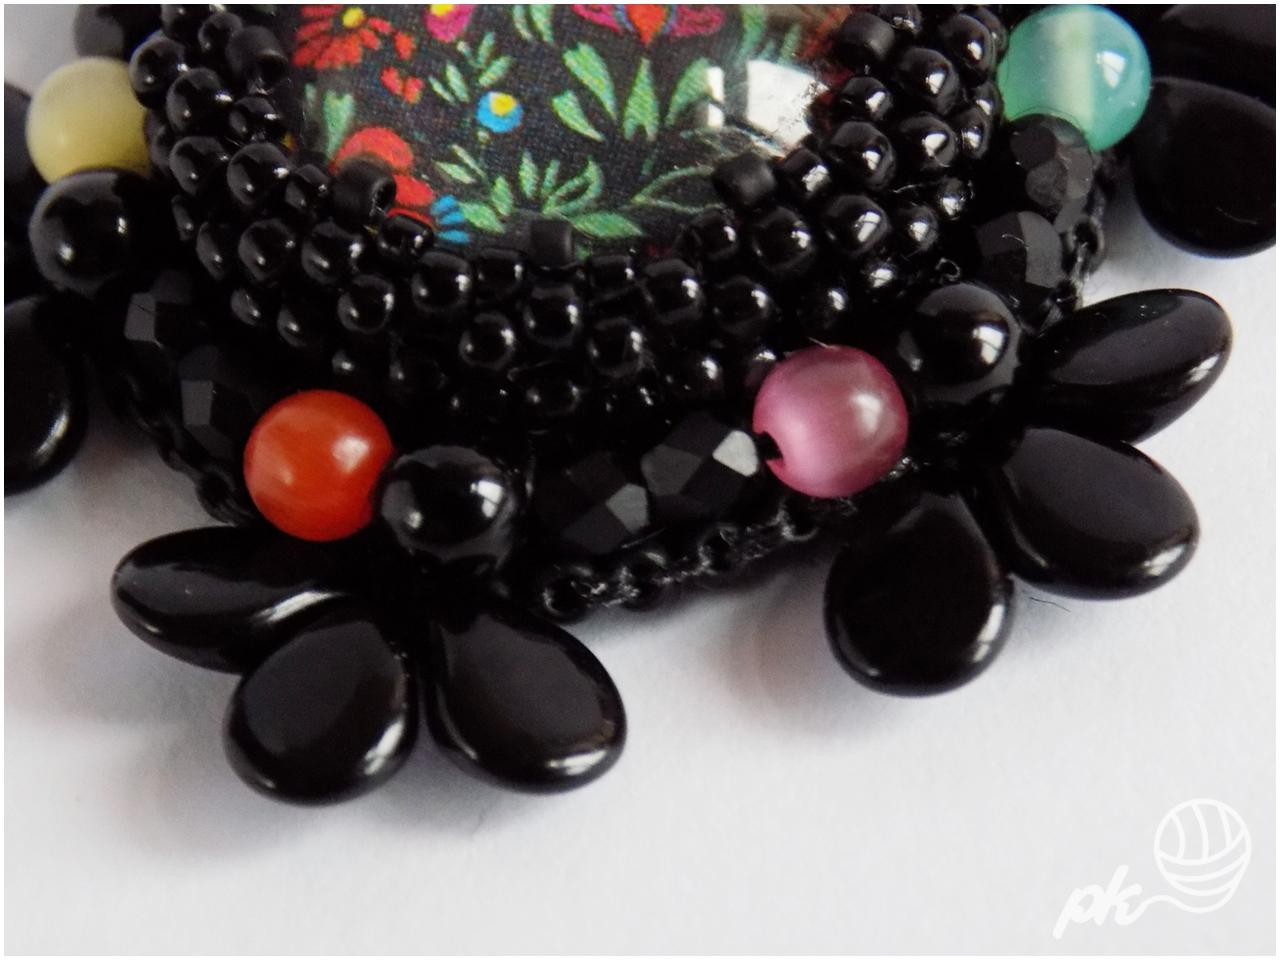 haft koralikowy, broszka, handmade, rękodzieło, biżuteria, kaboszon, folk, kwiaty, pip bead, koraliki toho, onyks, kocie oko